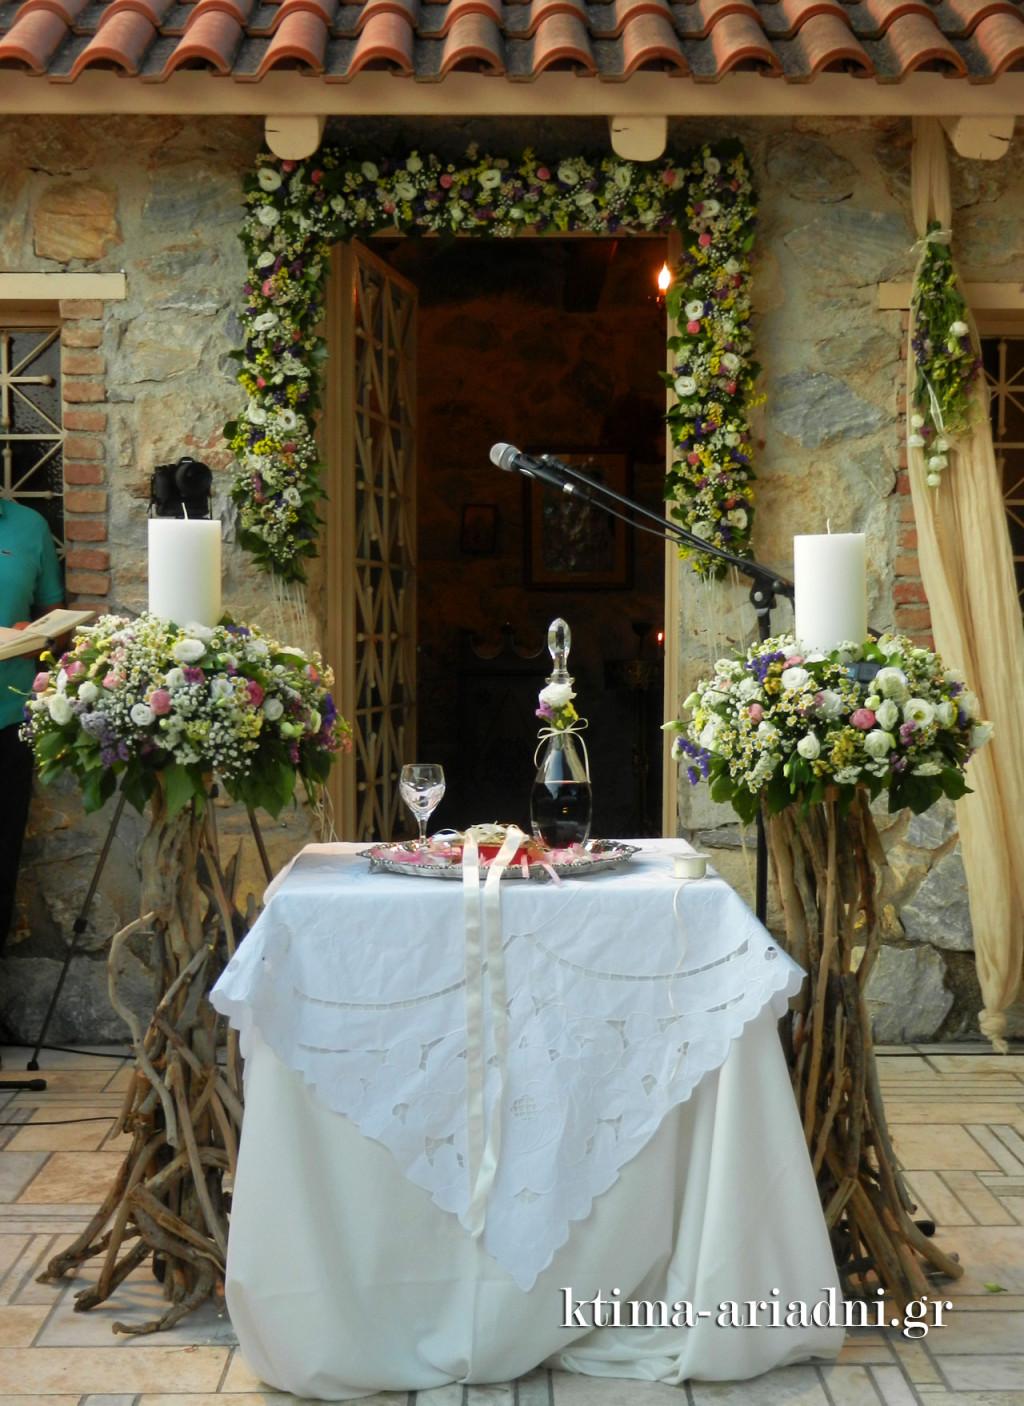 Ο στολισμός της εκκλησίας ήταν επίσης πολύ όμορφος και με βάση τα λουλούδια και τις υπέροχες συνθέσεις